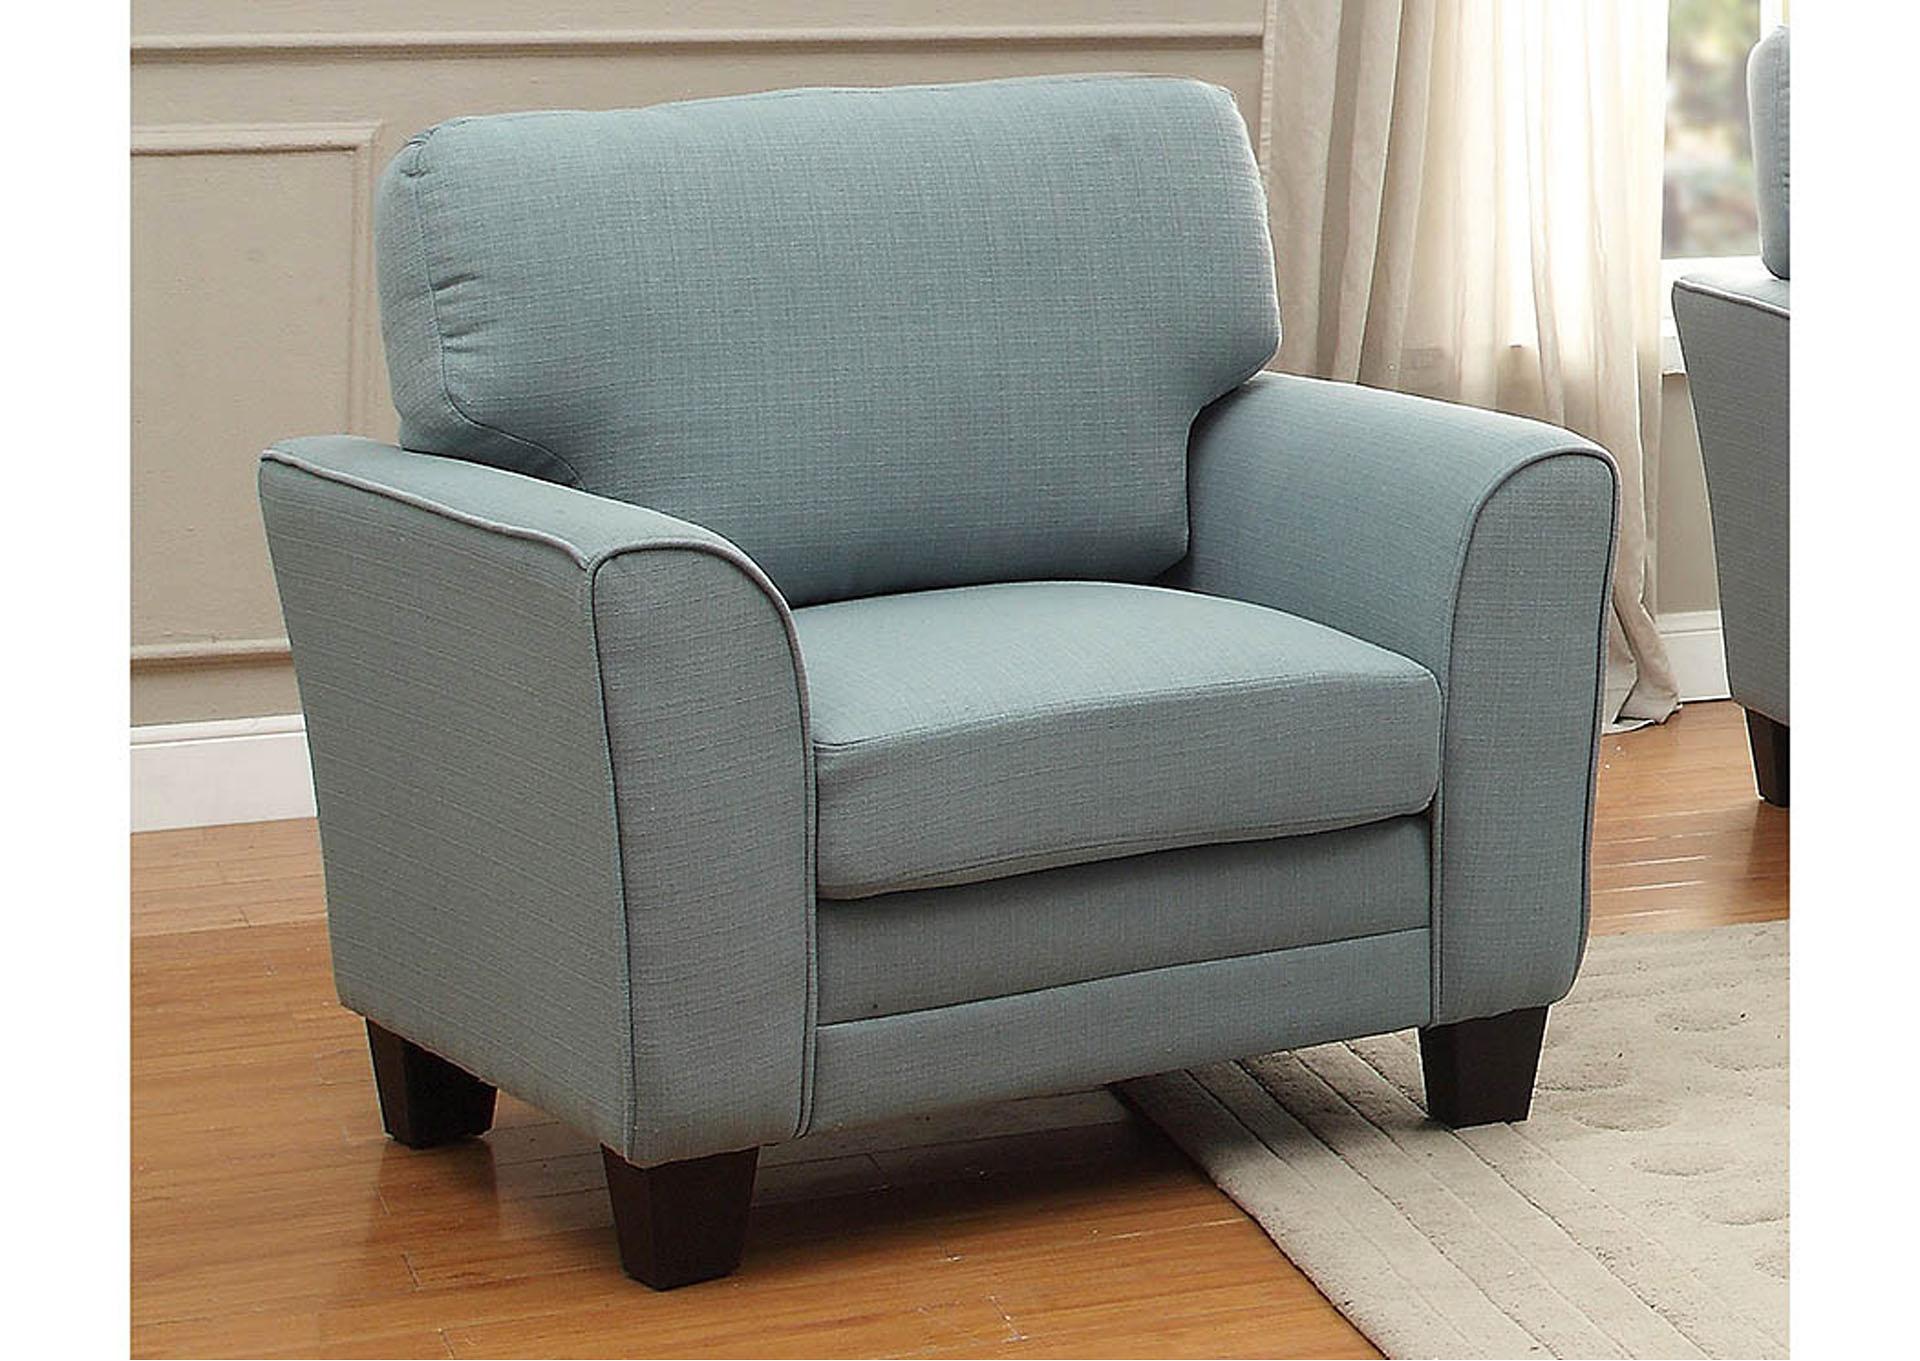 Long Island Discount Furniture Adair Teal Chair